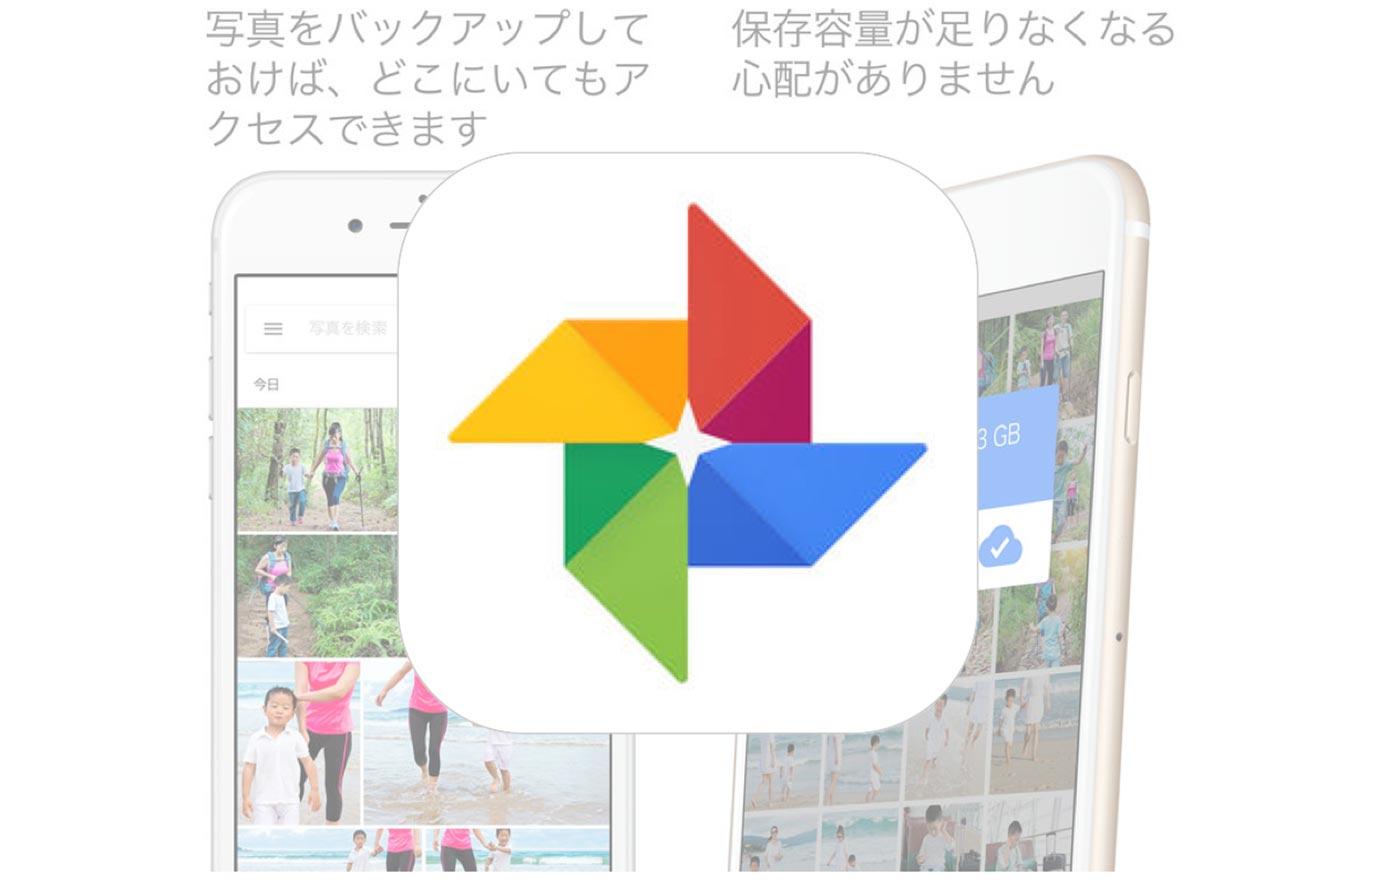 iOSアプリ「Google フォト」がアップデート、テーマ別のムービー機能が追加